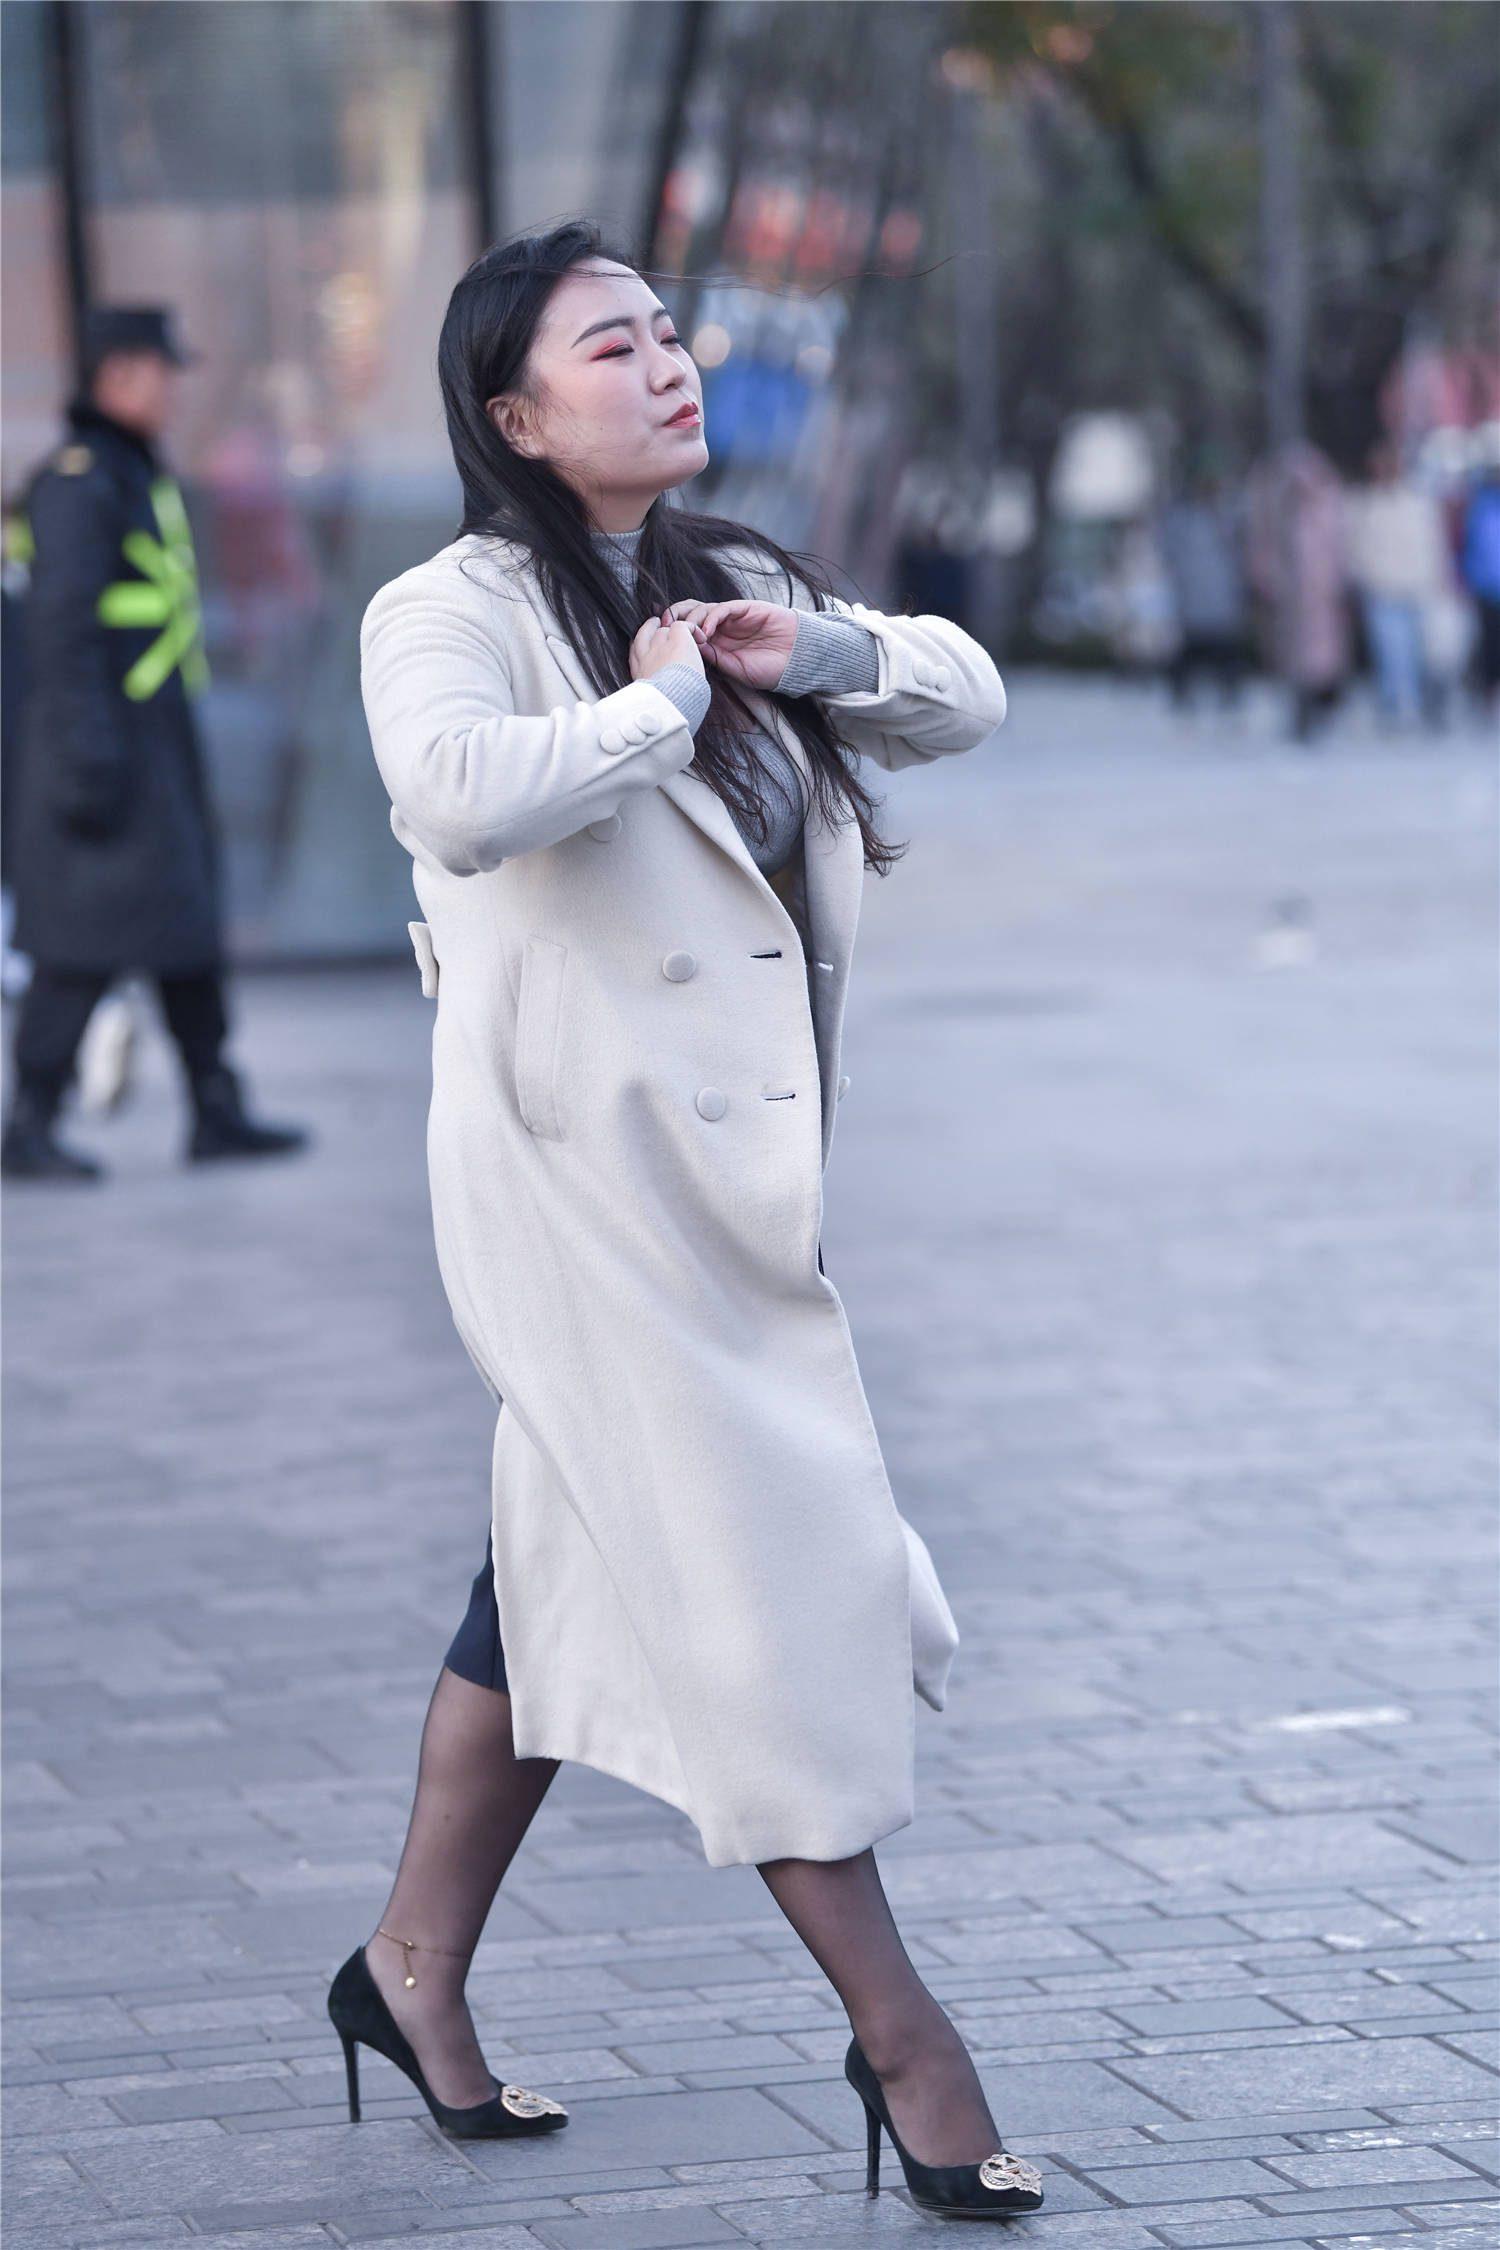 秋冬里的姑娘,无论胖瘦都喜欢黑色丝袜,搭配尖头细跟鞋更显气质